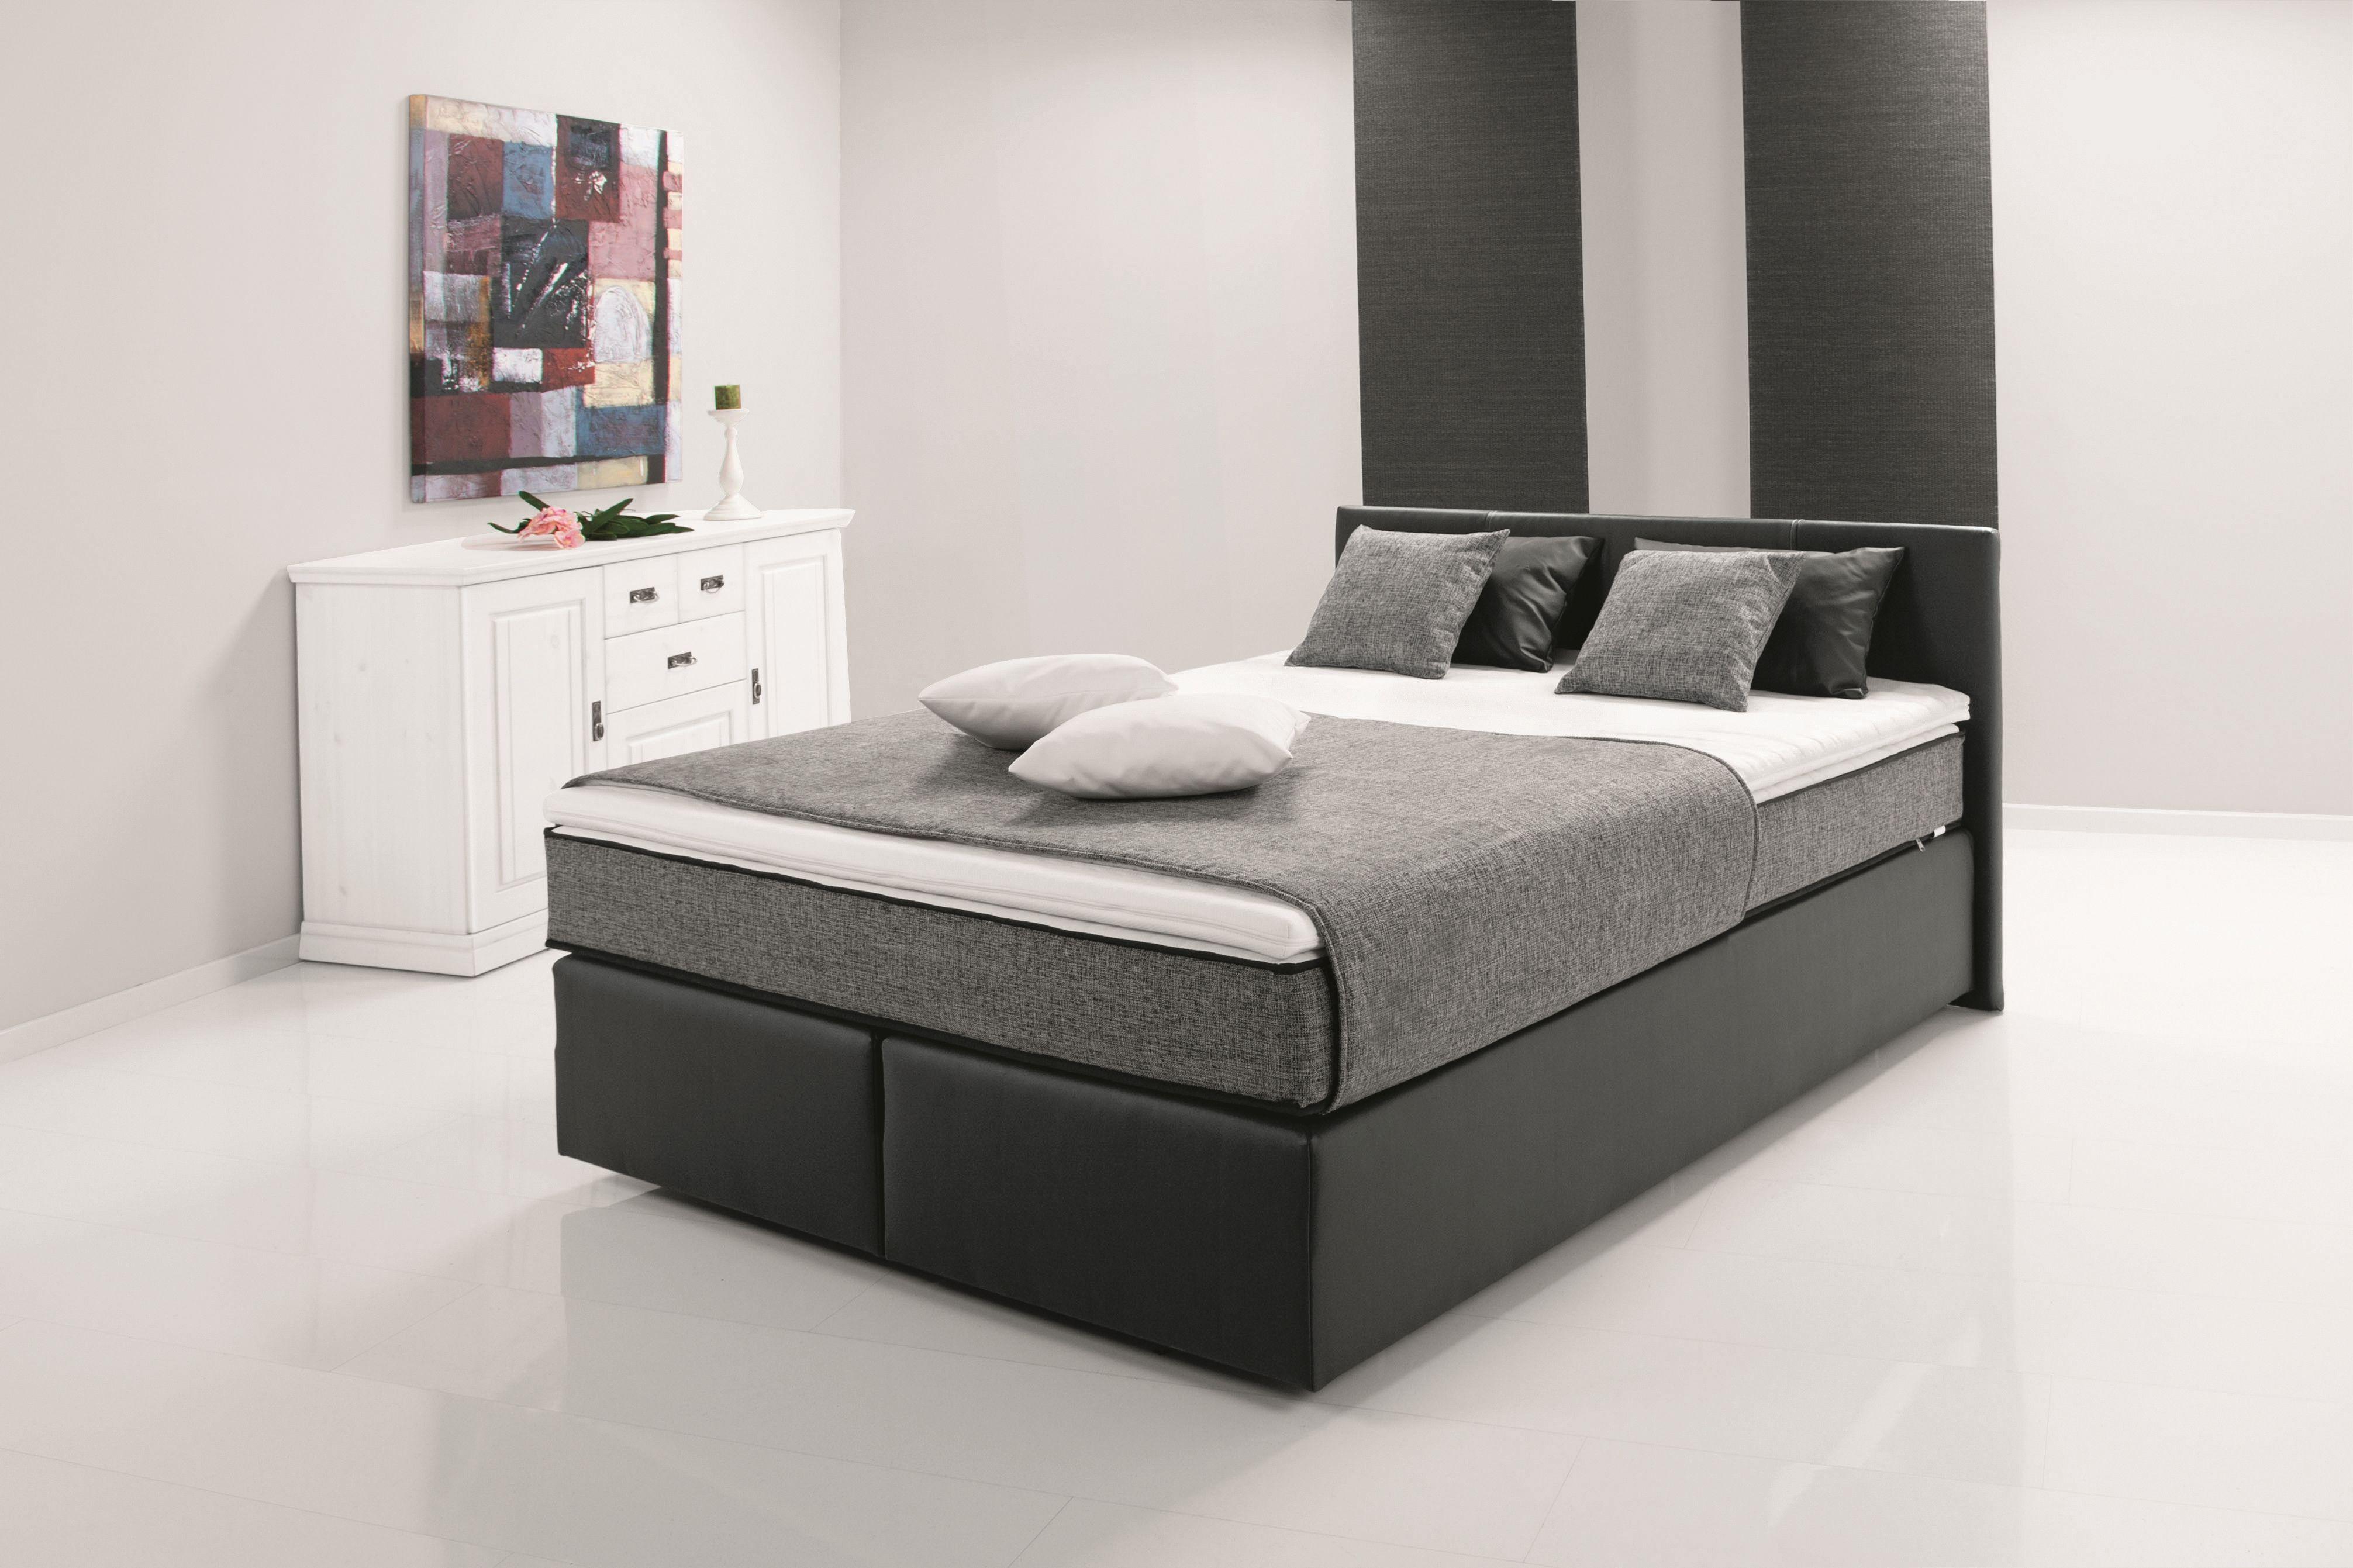 schlafzimmer ideen boxspringbett bettdecken sch fer duo test bettw sche grad die eisk nigin. Black Bedroom Furniture Sets. Home Design Ideas